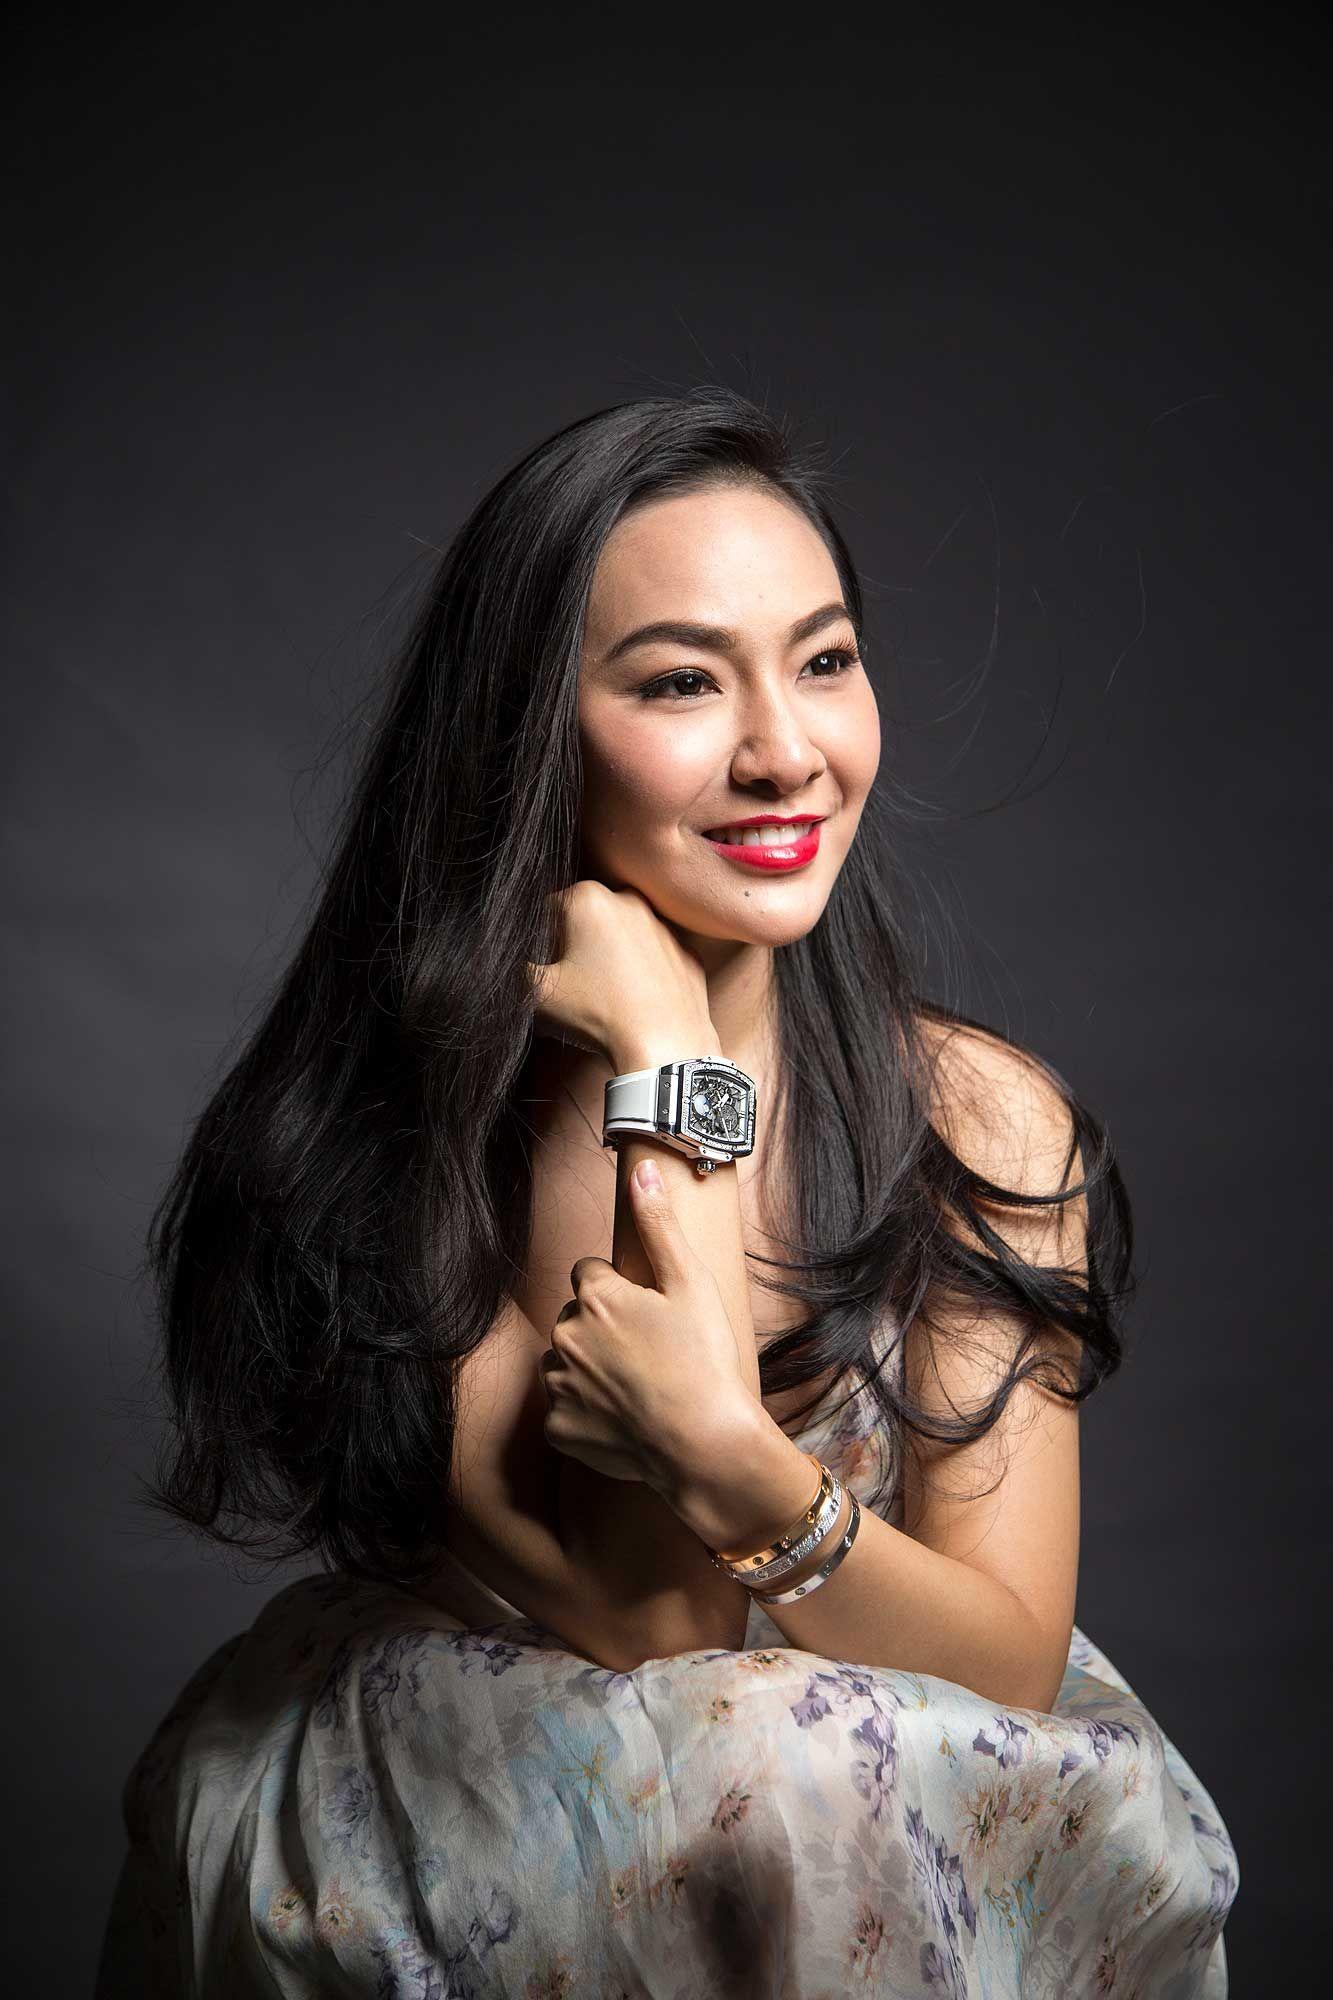 Lee Yin Yen